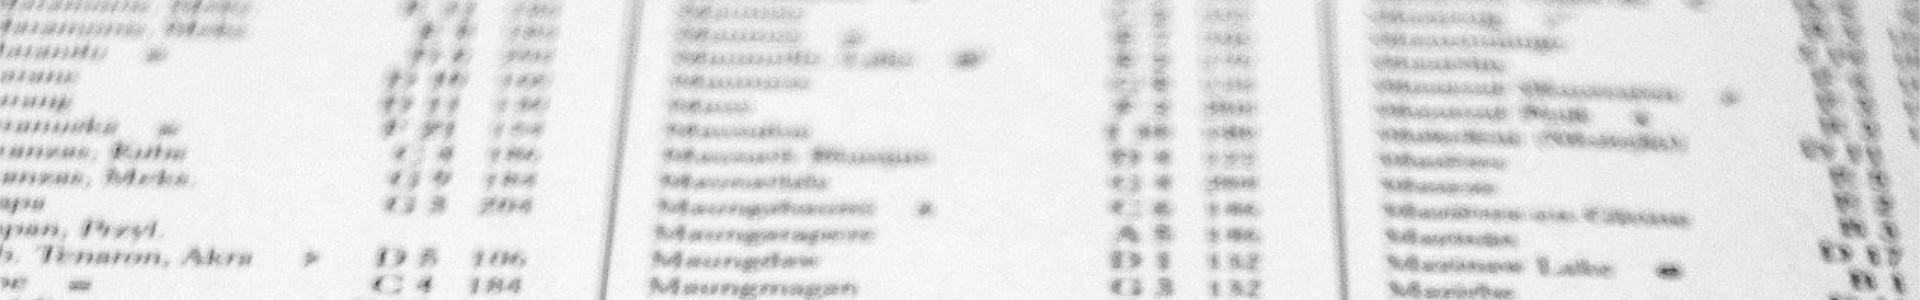 registros-de-morosos-listado